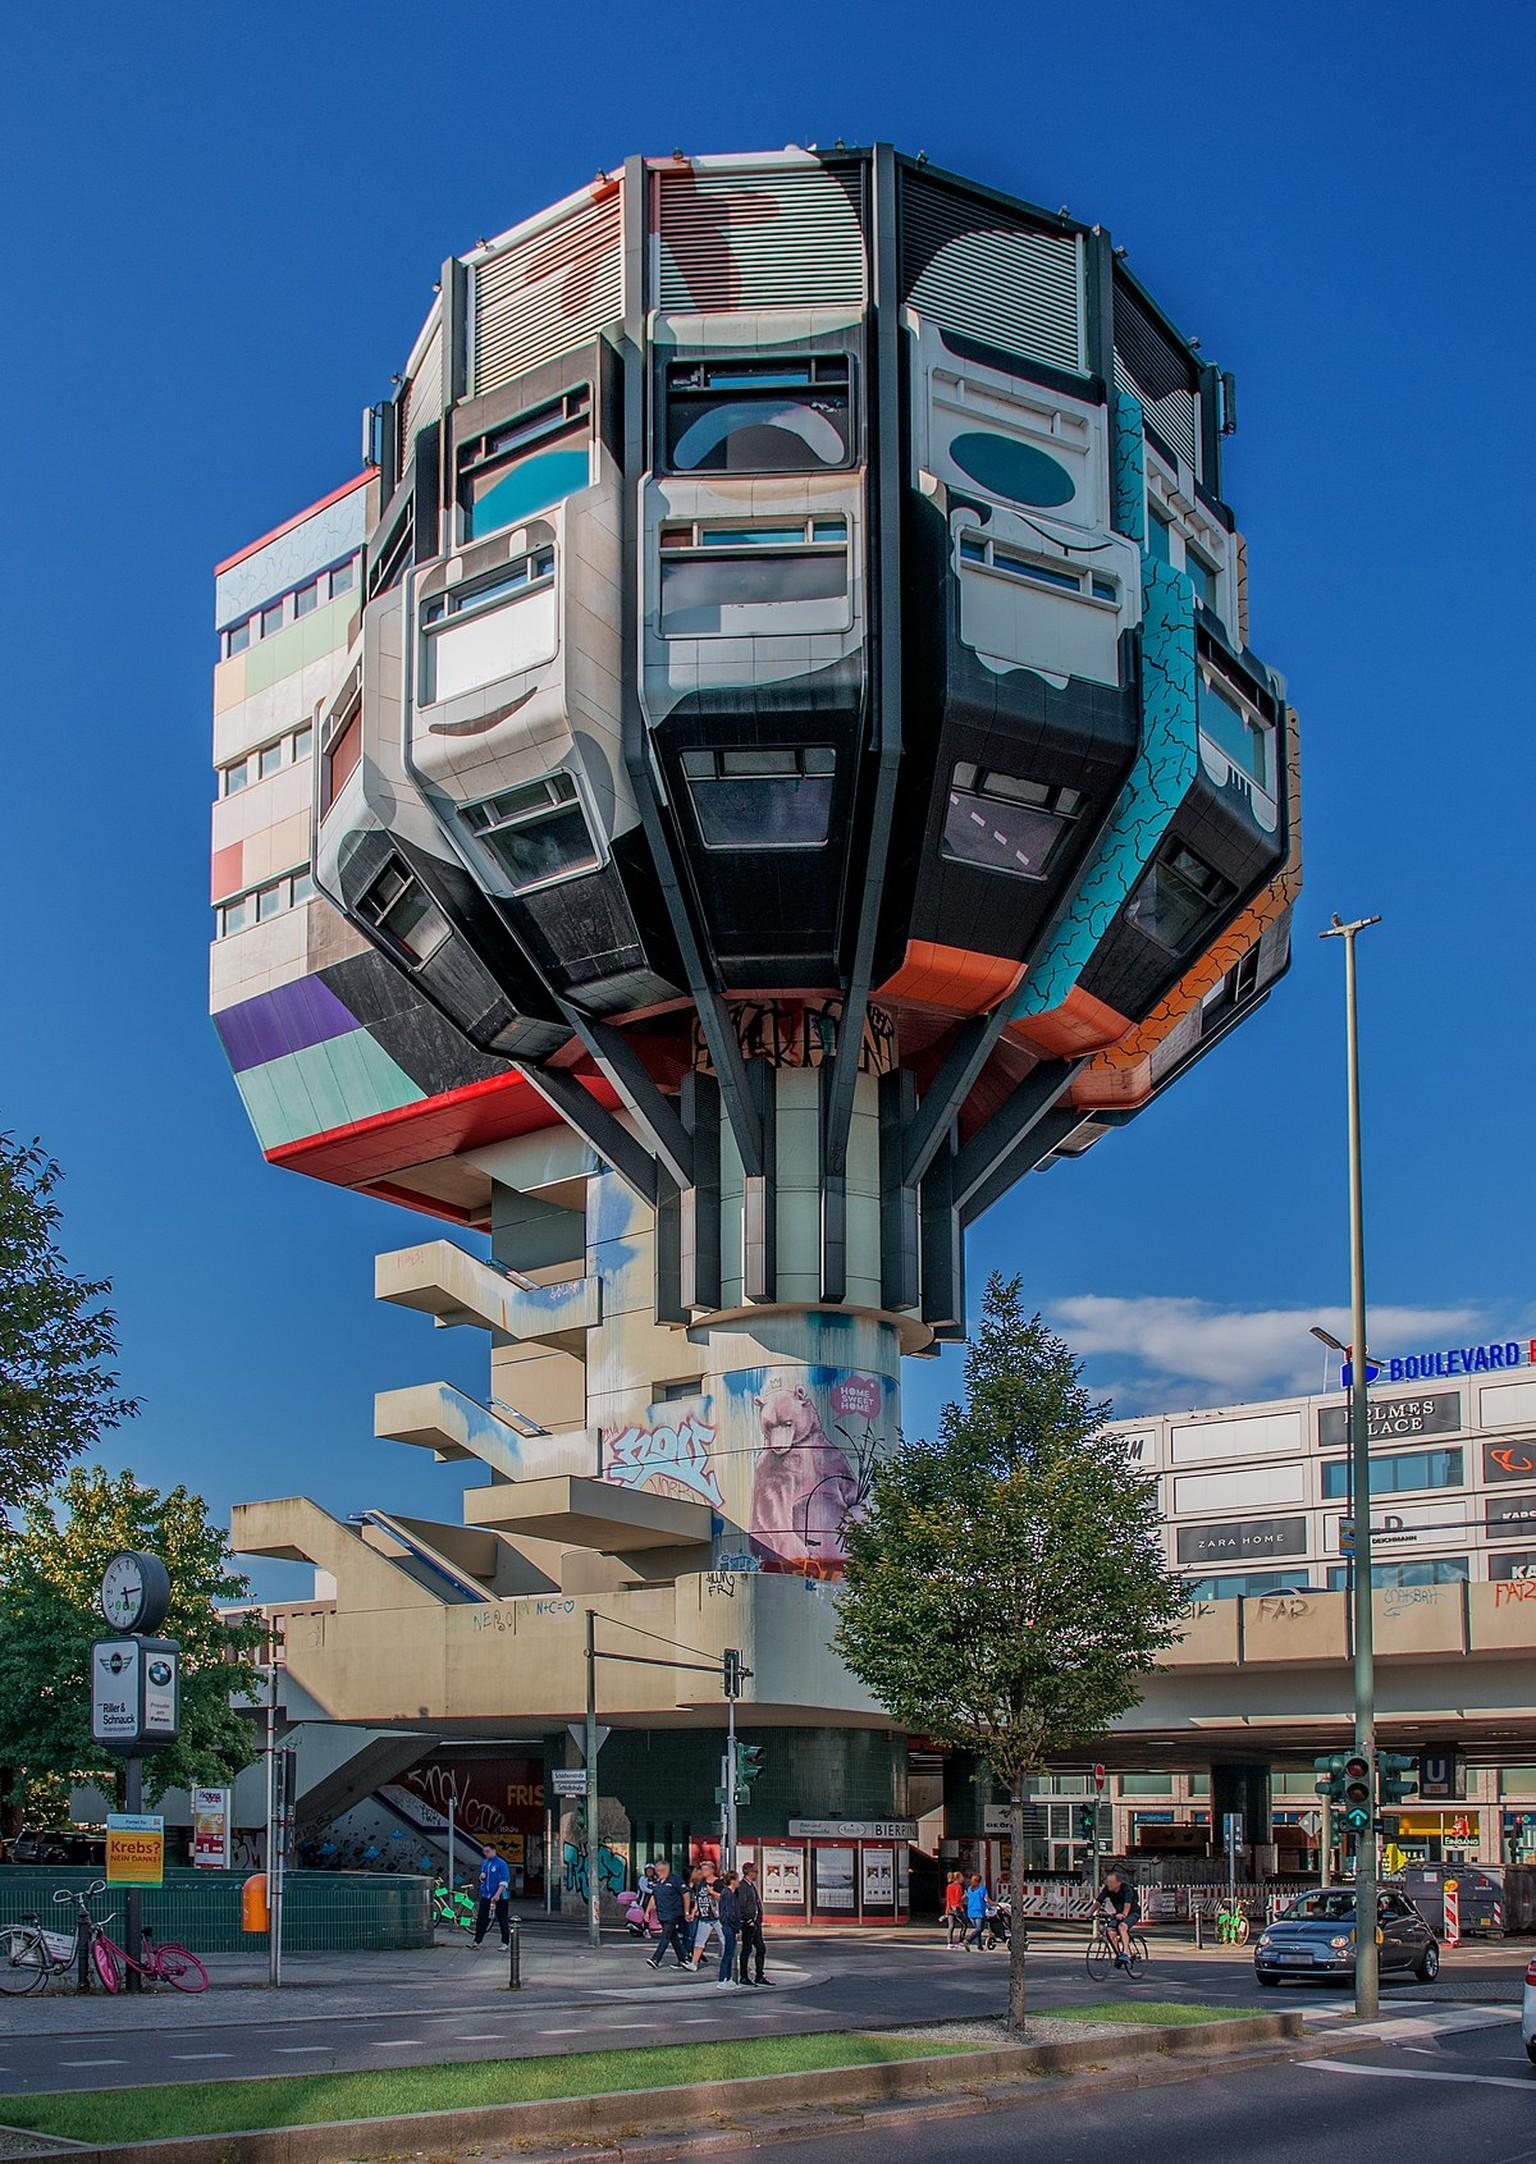 Eine Architektonische Ikone Steht In Berlin Zum Verkauf Die Bilder